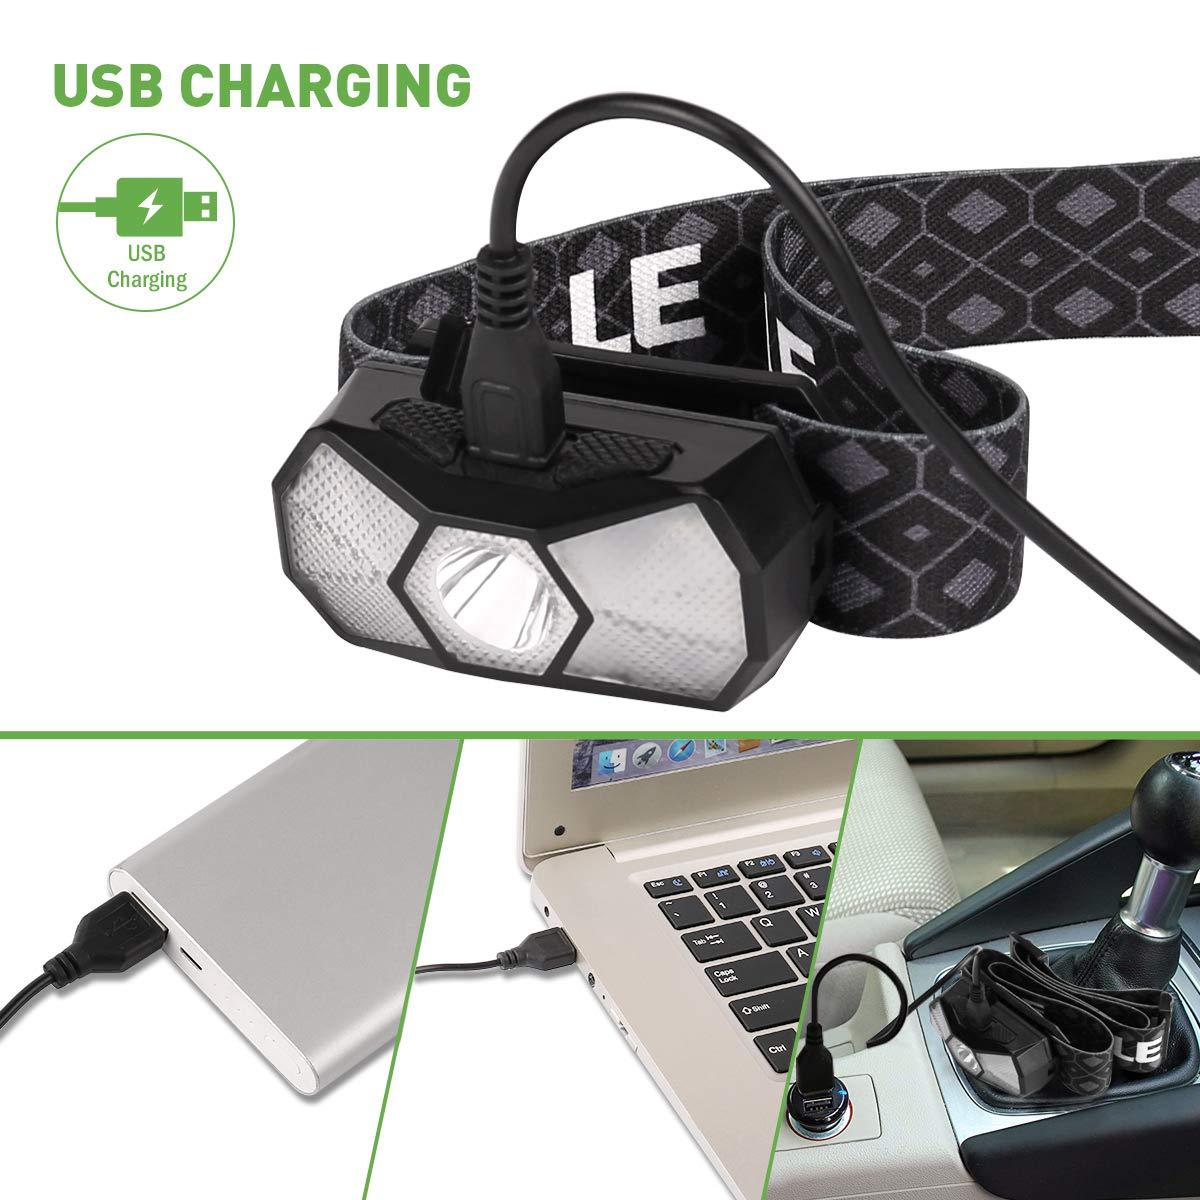 Ideal f/ür Camping Joggen LED Kopflampe mit 7 Lichtmodi Scheinwerfer und Rotlicht LE Stirnlampe USB Wiederaufladbar USB Kabel inklusive